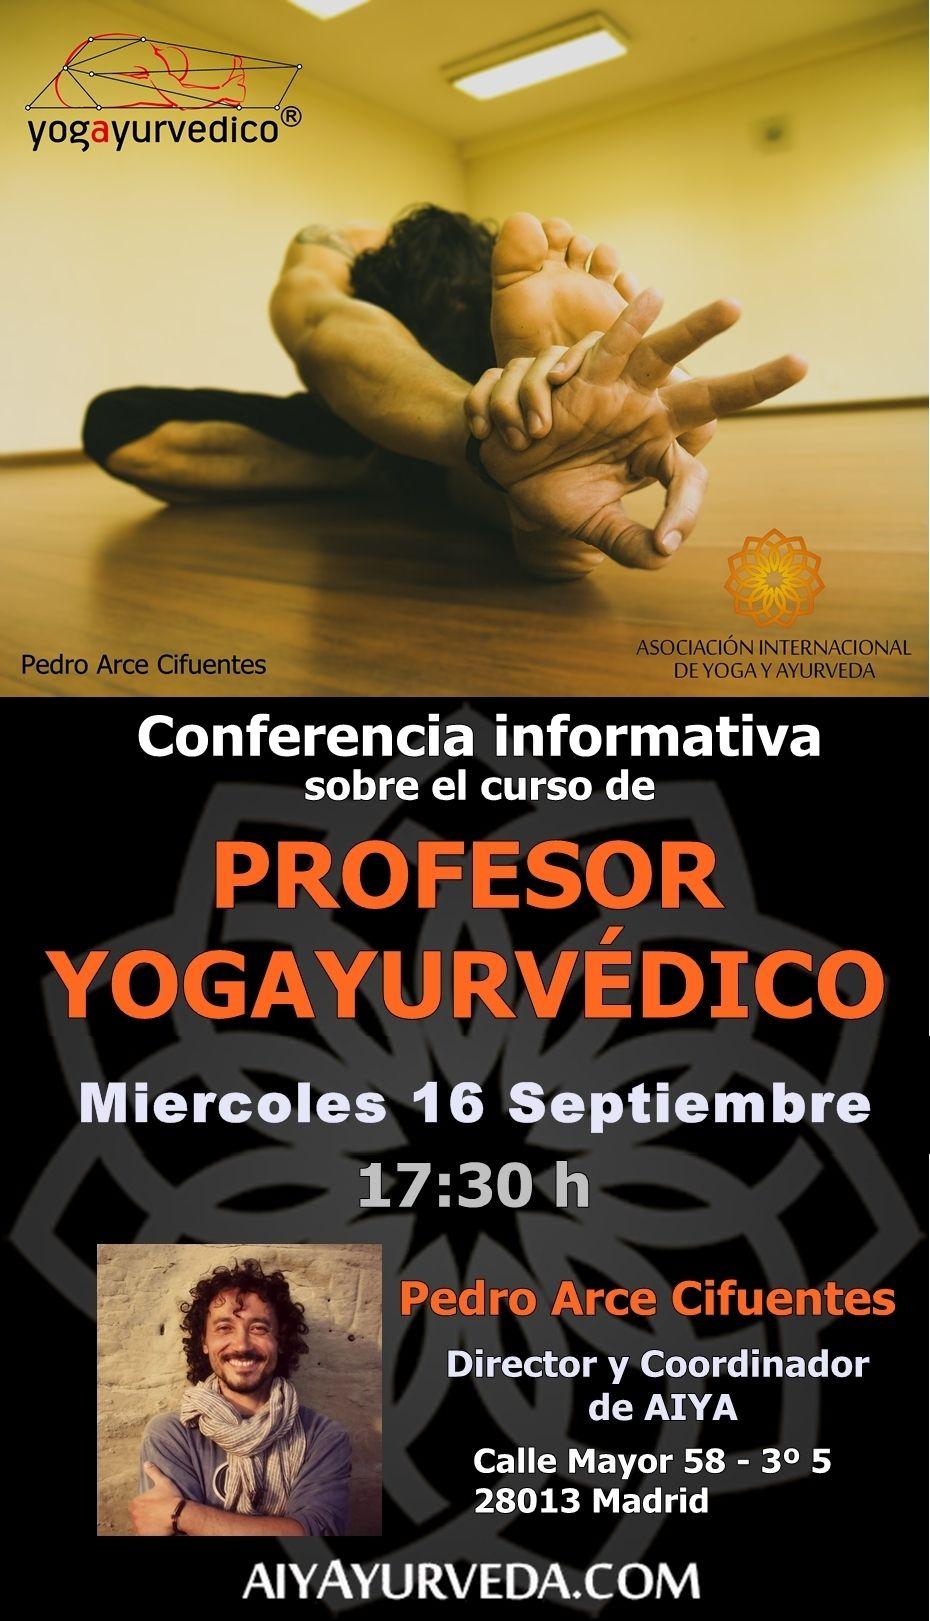 Formación de profesor de Yogayurvedico